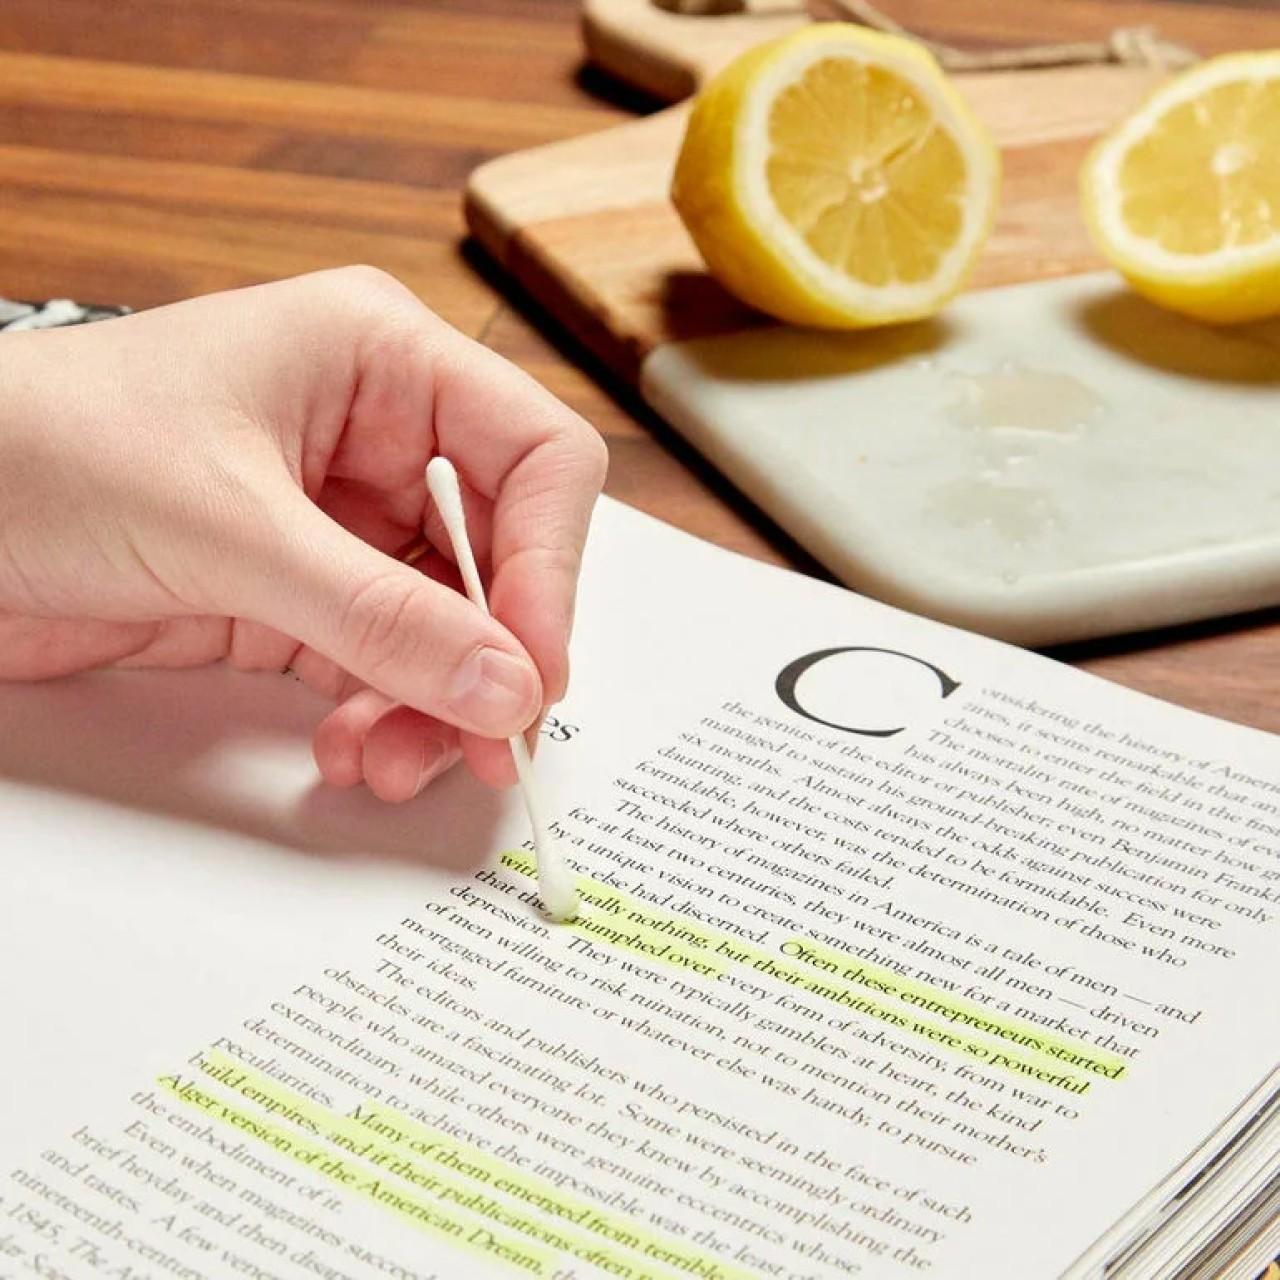 Удаление пометок из книги лимонным соком